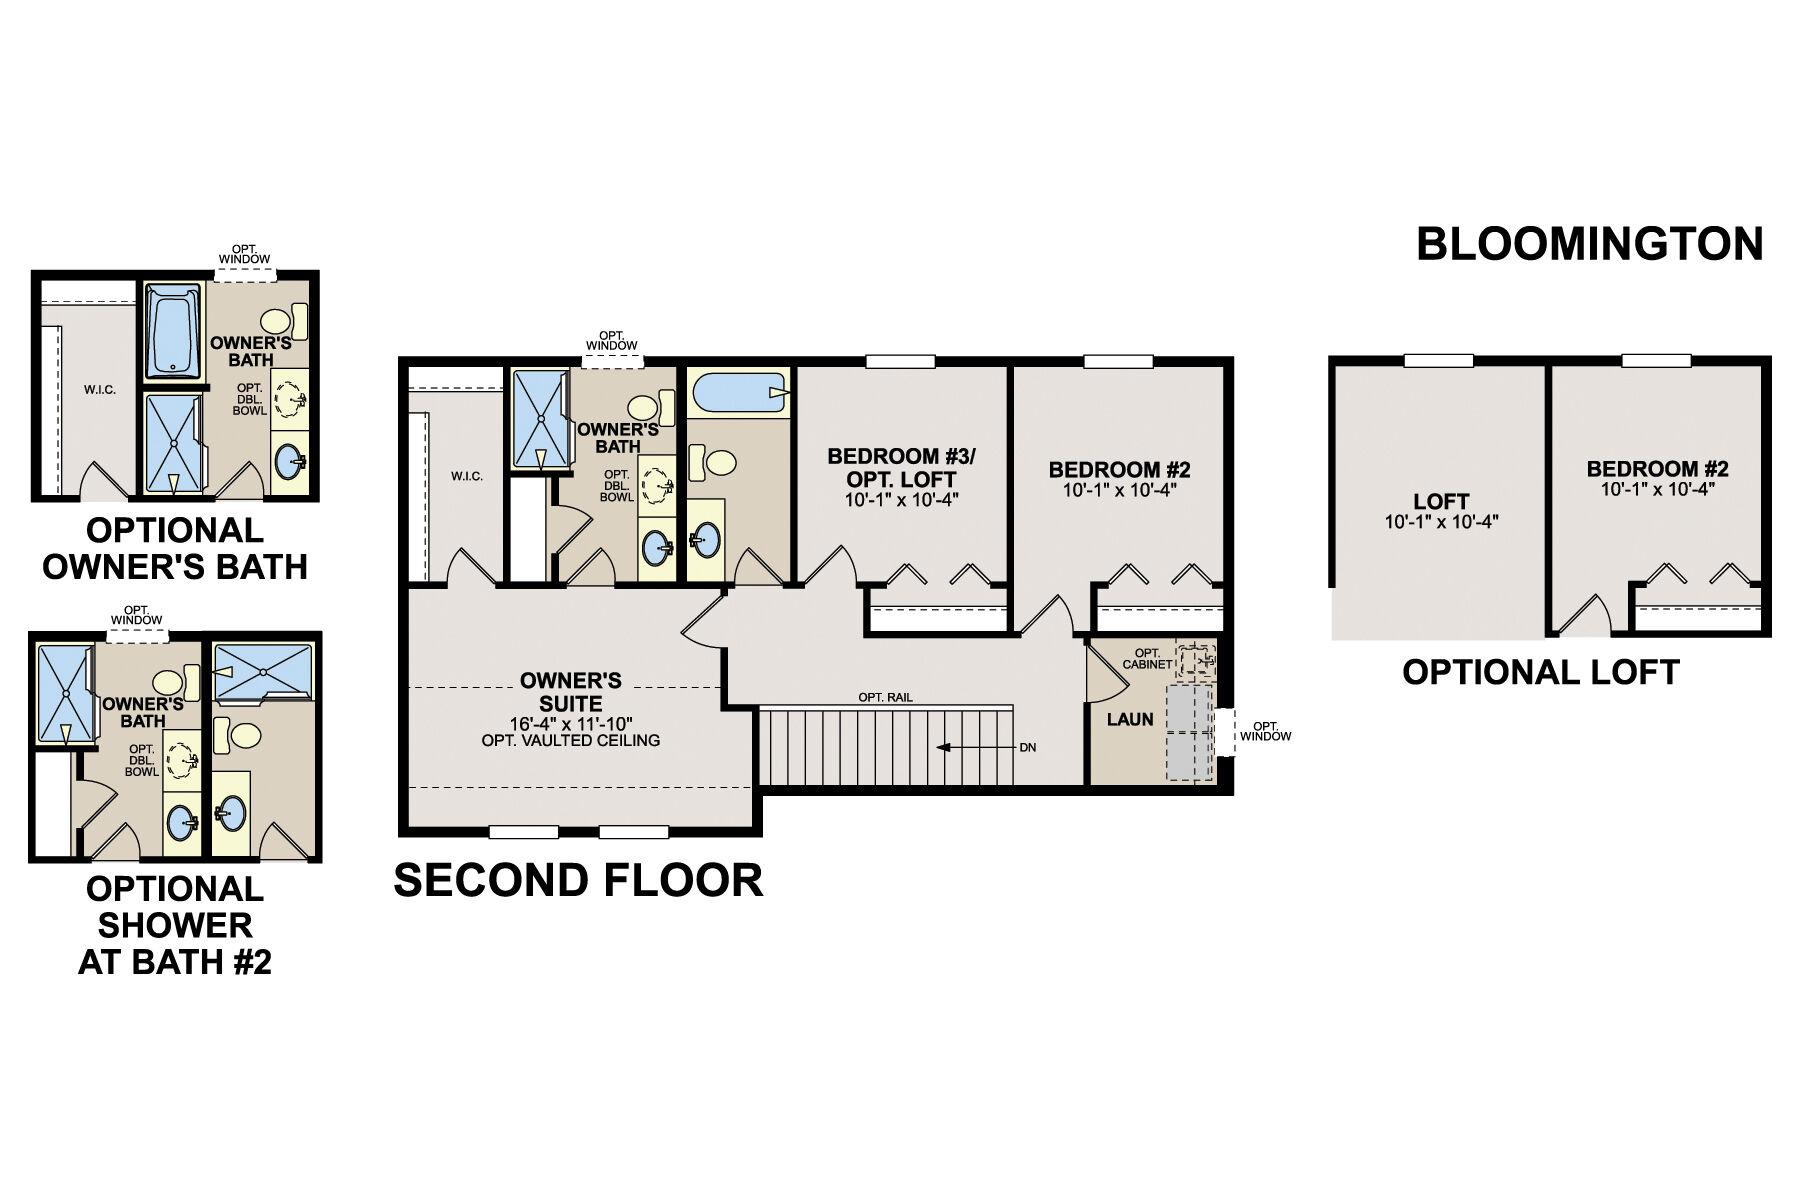 Bloomington Second Floor